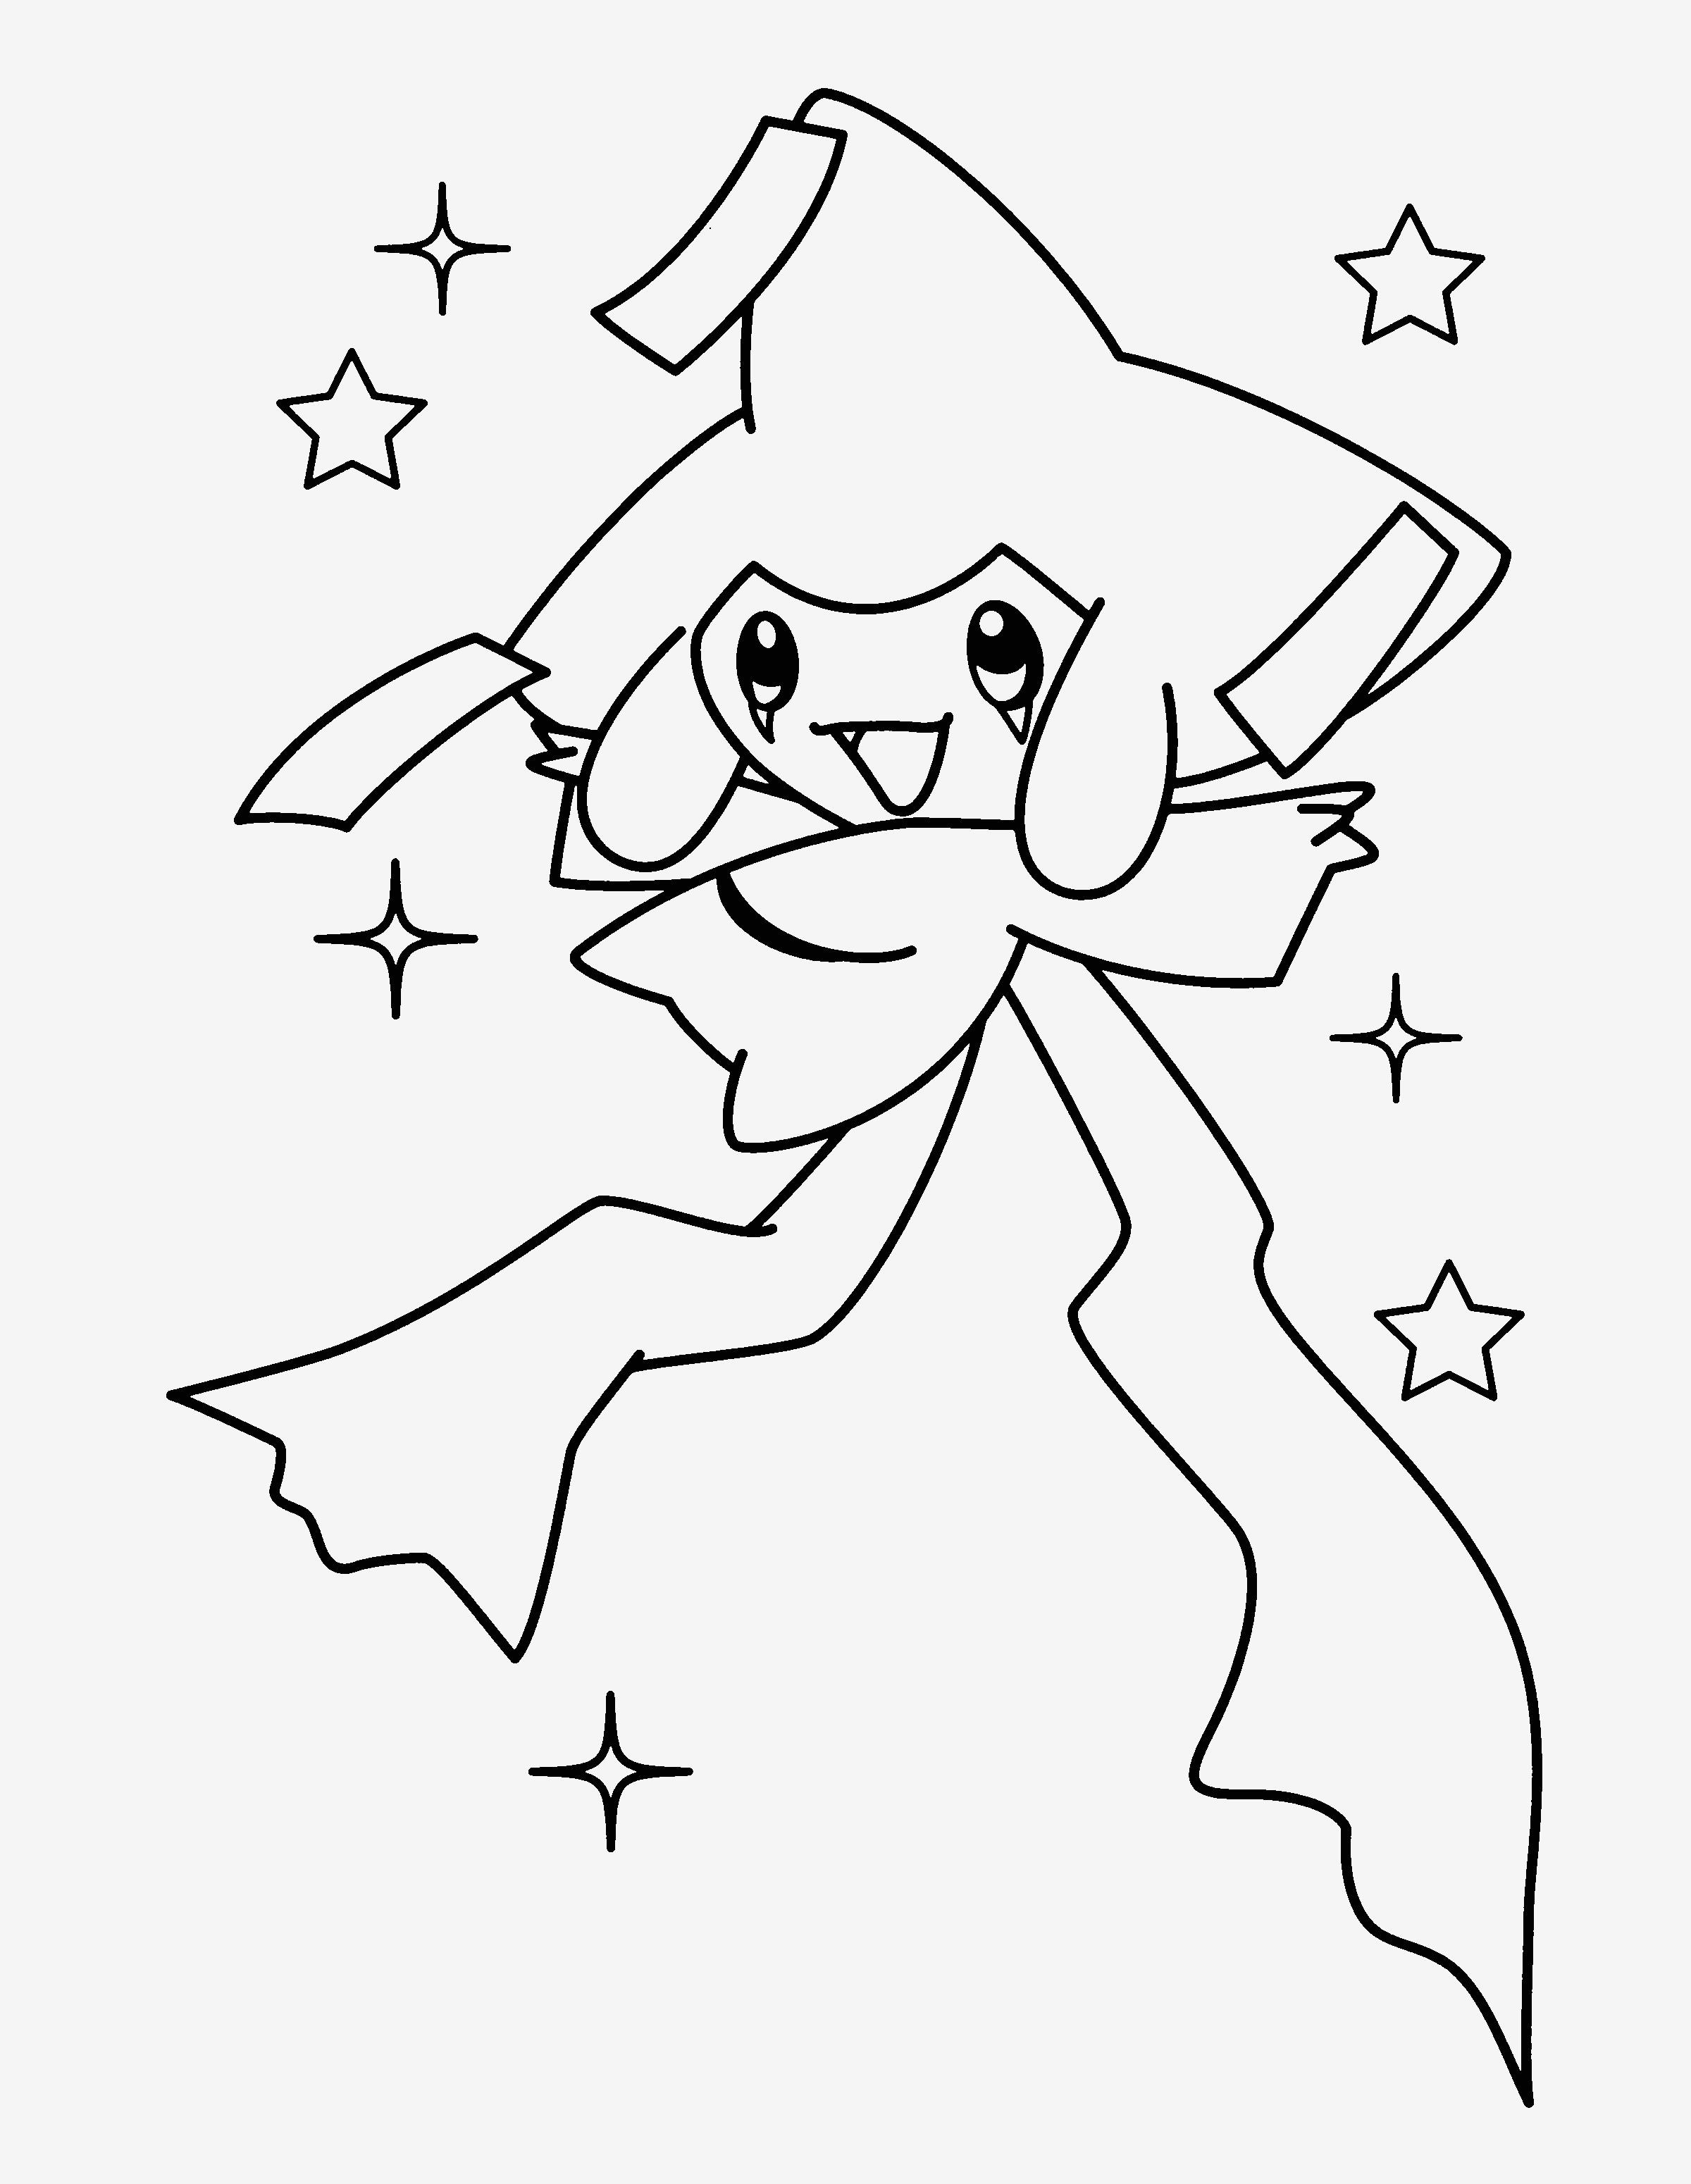 Pokemon Bilder Zum Ausmalen Inspirierend 30 Schön Einhorn Emoji Ausmalbilder – Malvorlagen Ideen Bilder